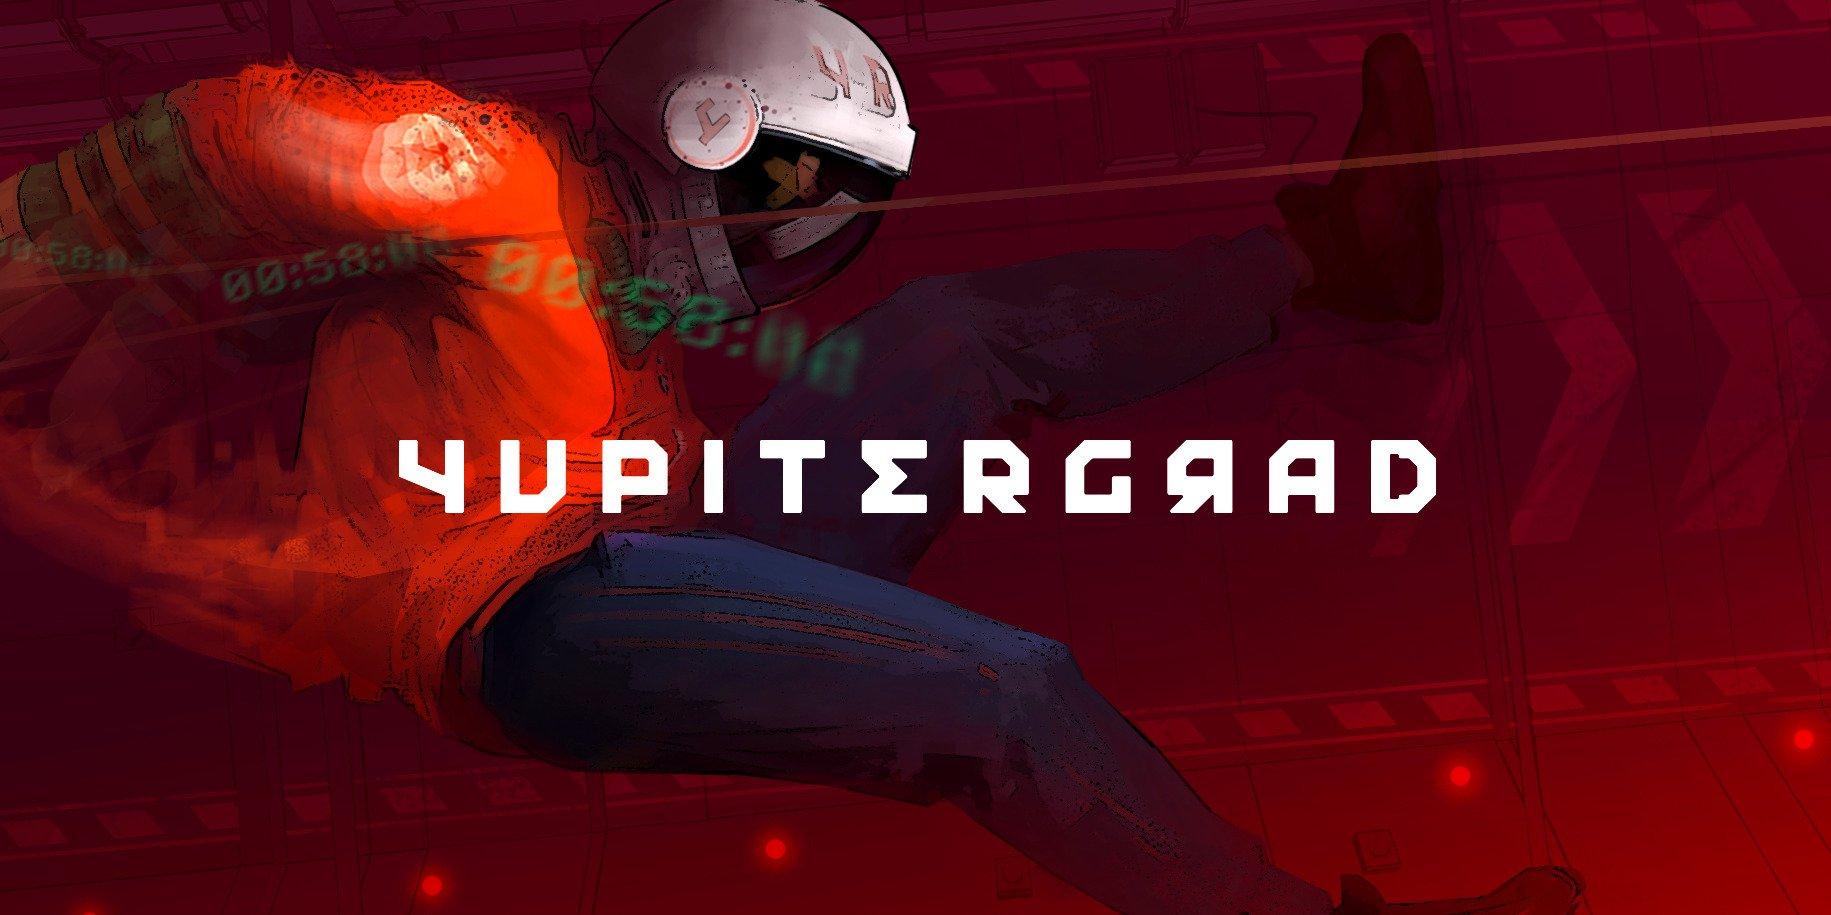 Kontrolery w dłoń Towarzysze! Yupitergrad ląduje na PSVR 25-tego lutego!